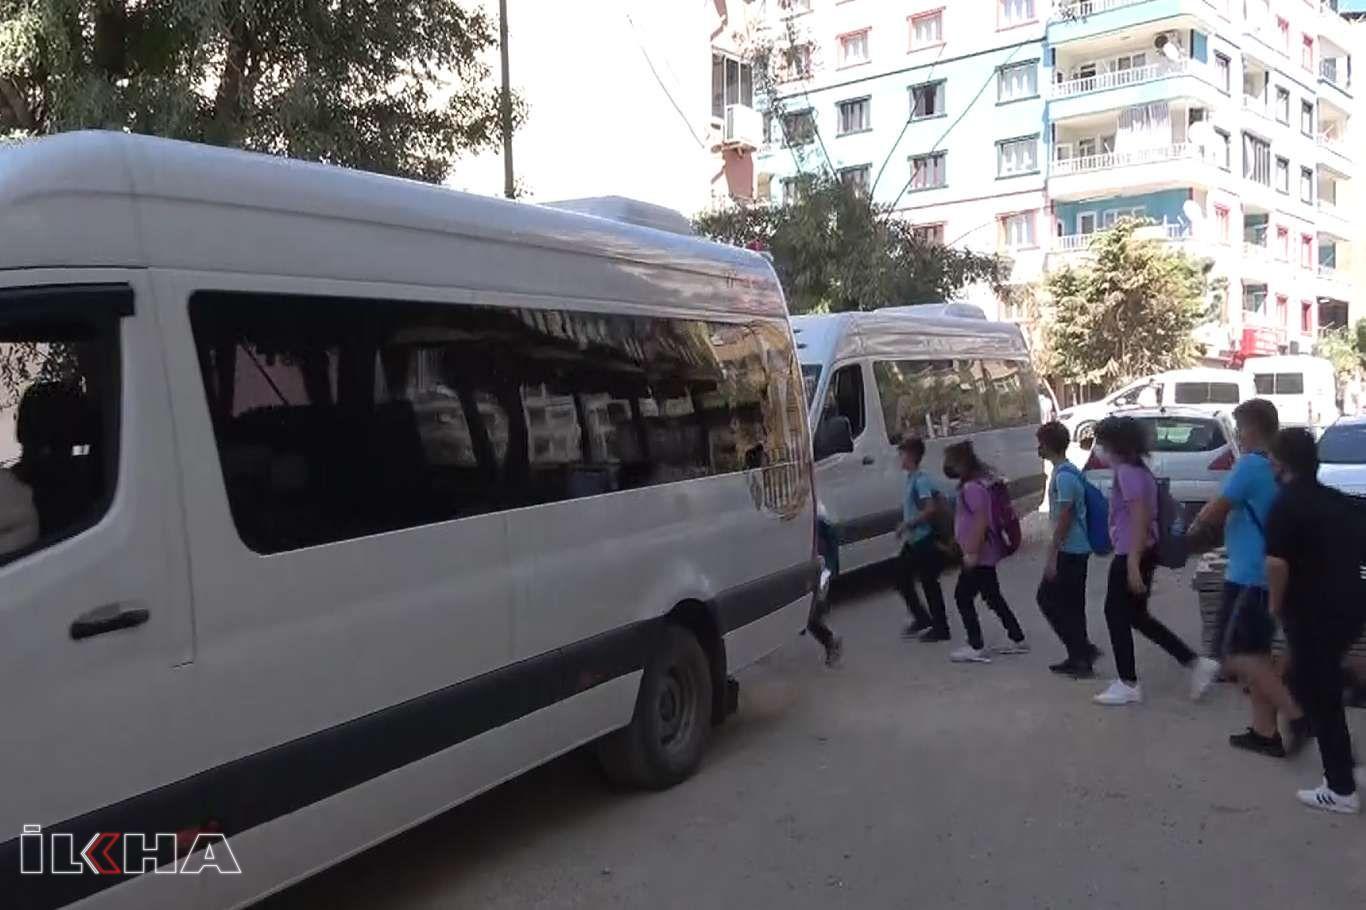 Veliler okul çıkışı yaşanan araç ve öğrenci yoğunluğunun kazalara sebebiyet vermesinden endişeli